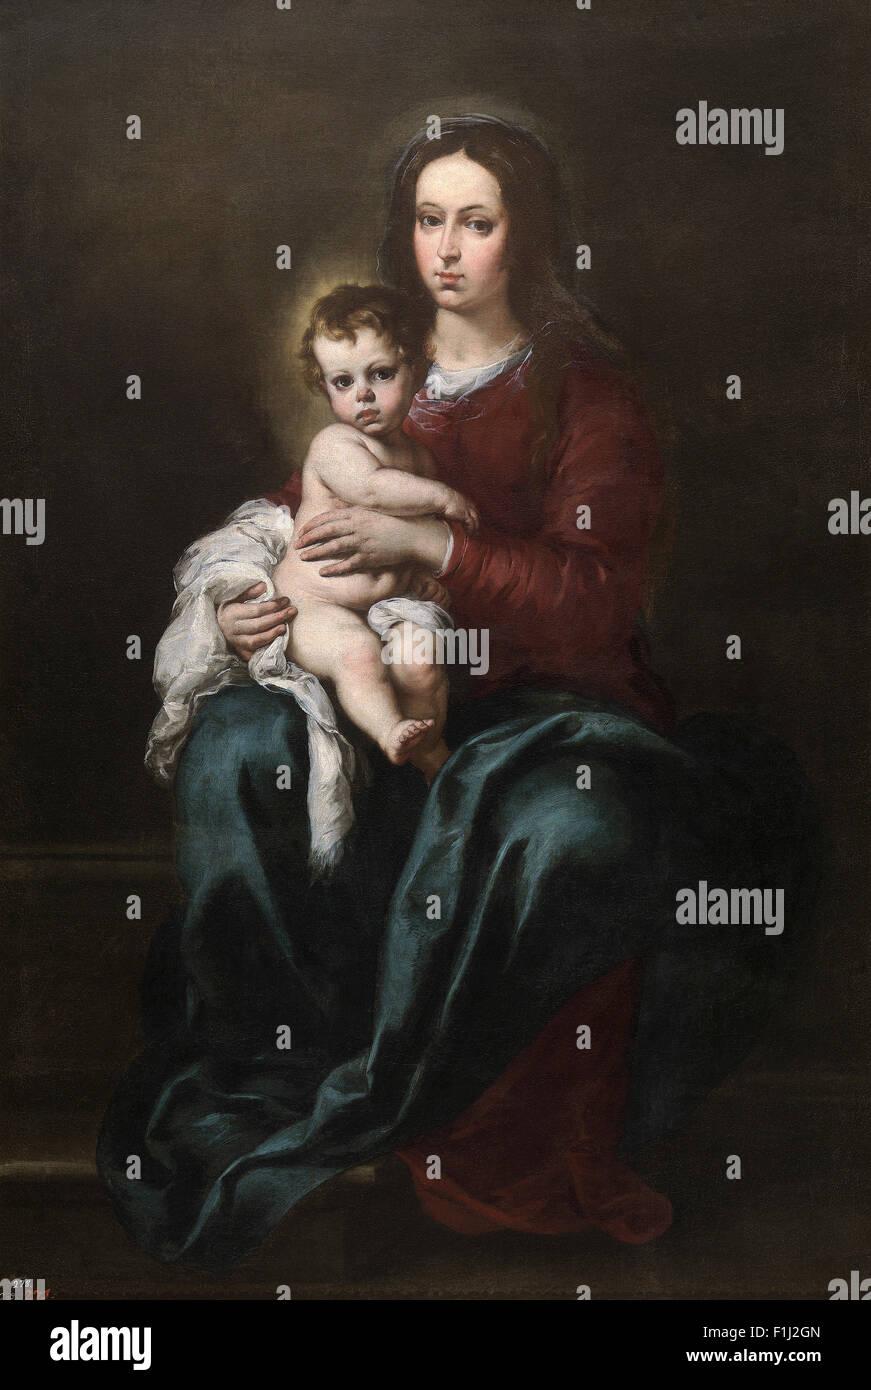 Bartolomé Esteban Murillo - La Virgen y el niño 13 Imagen De Stock